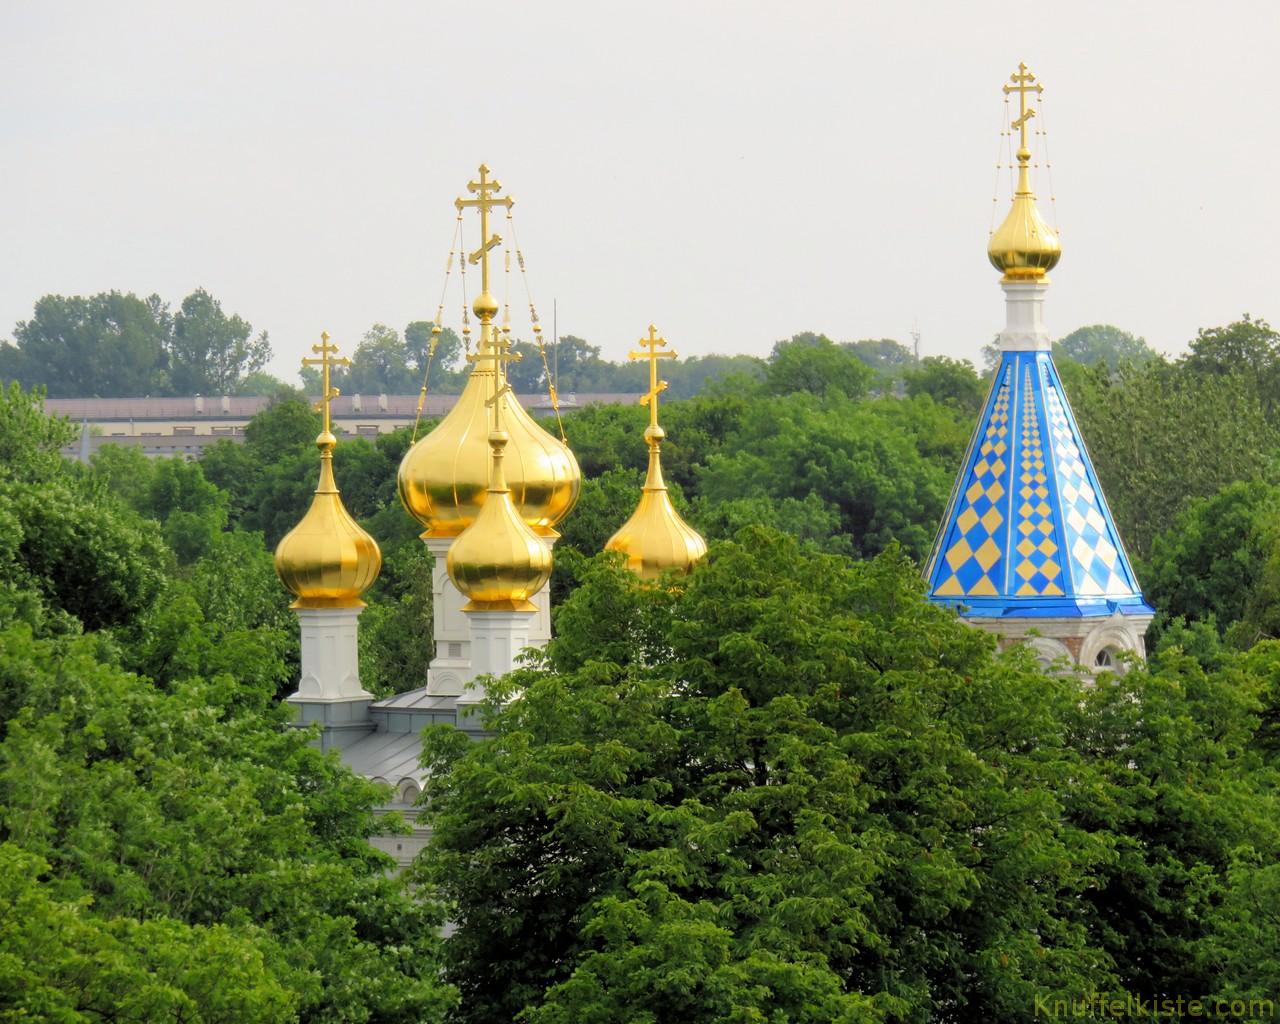 Orthodoxe Kirche am Fährhafen vom Schiff aus gesehen!